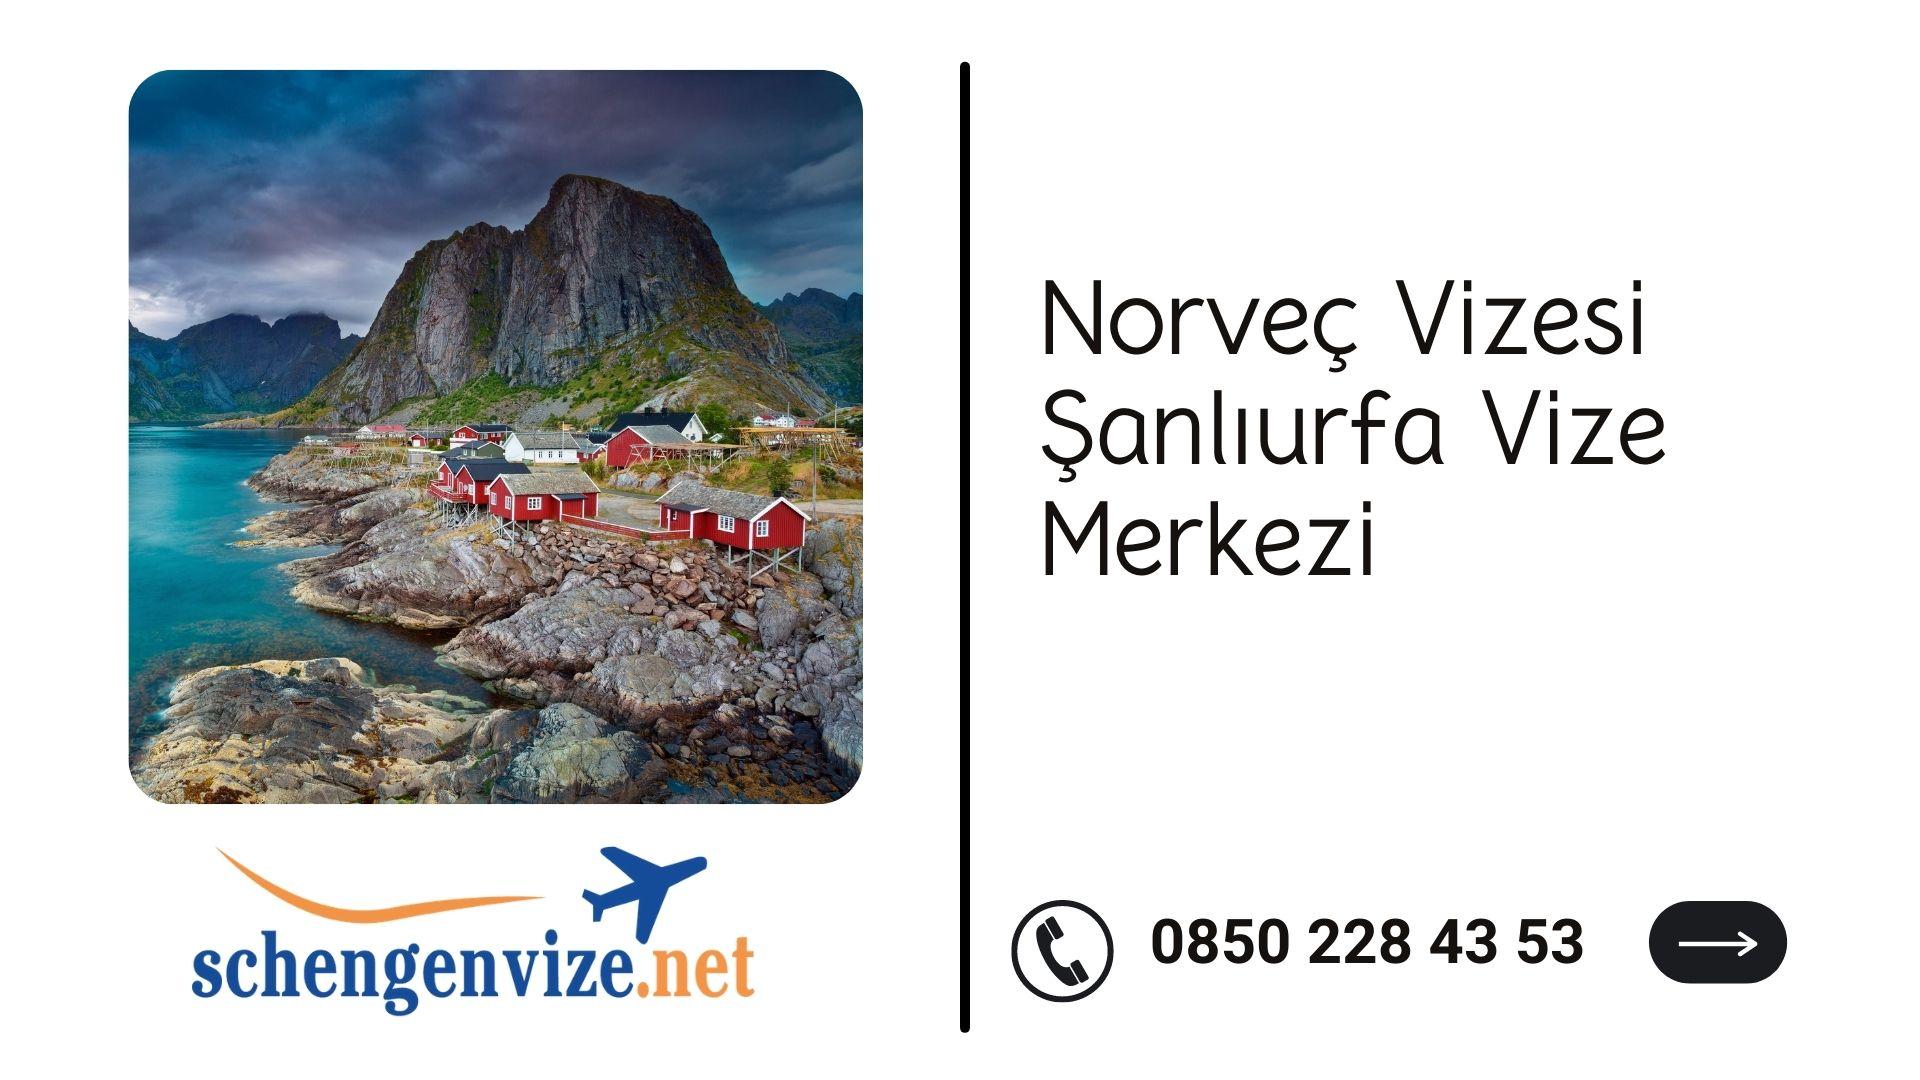 Norveç Vizesi Şanlıurfa Vize Merkezi